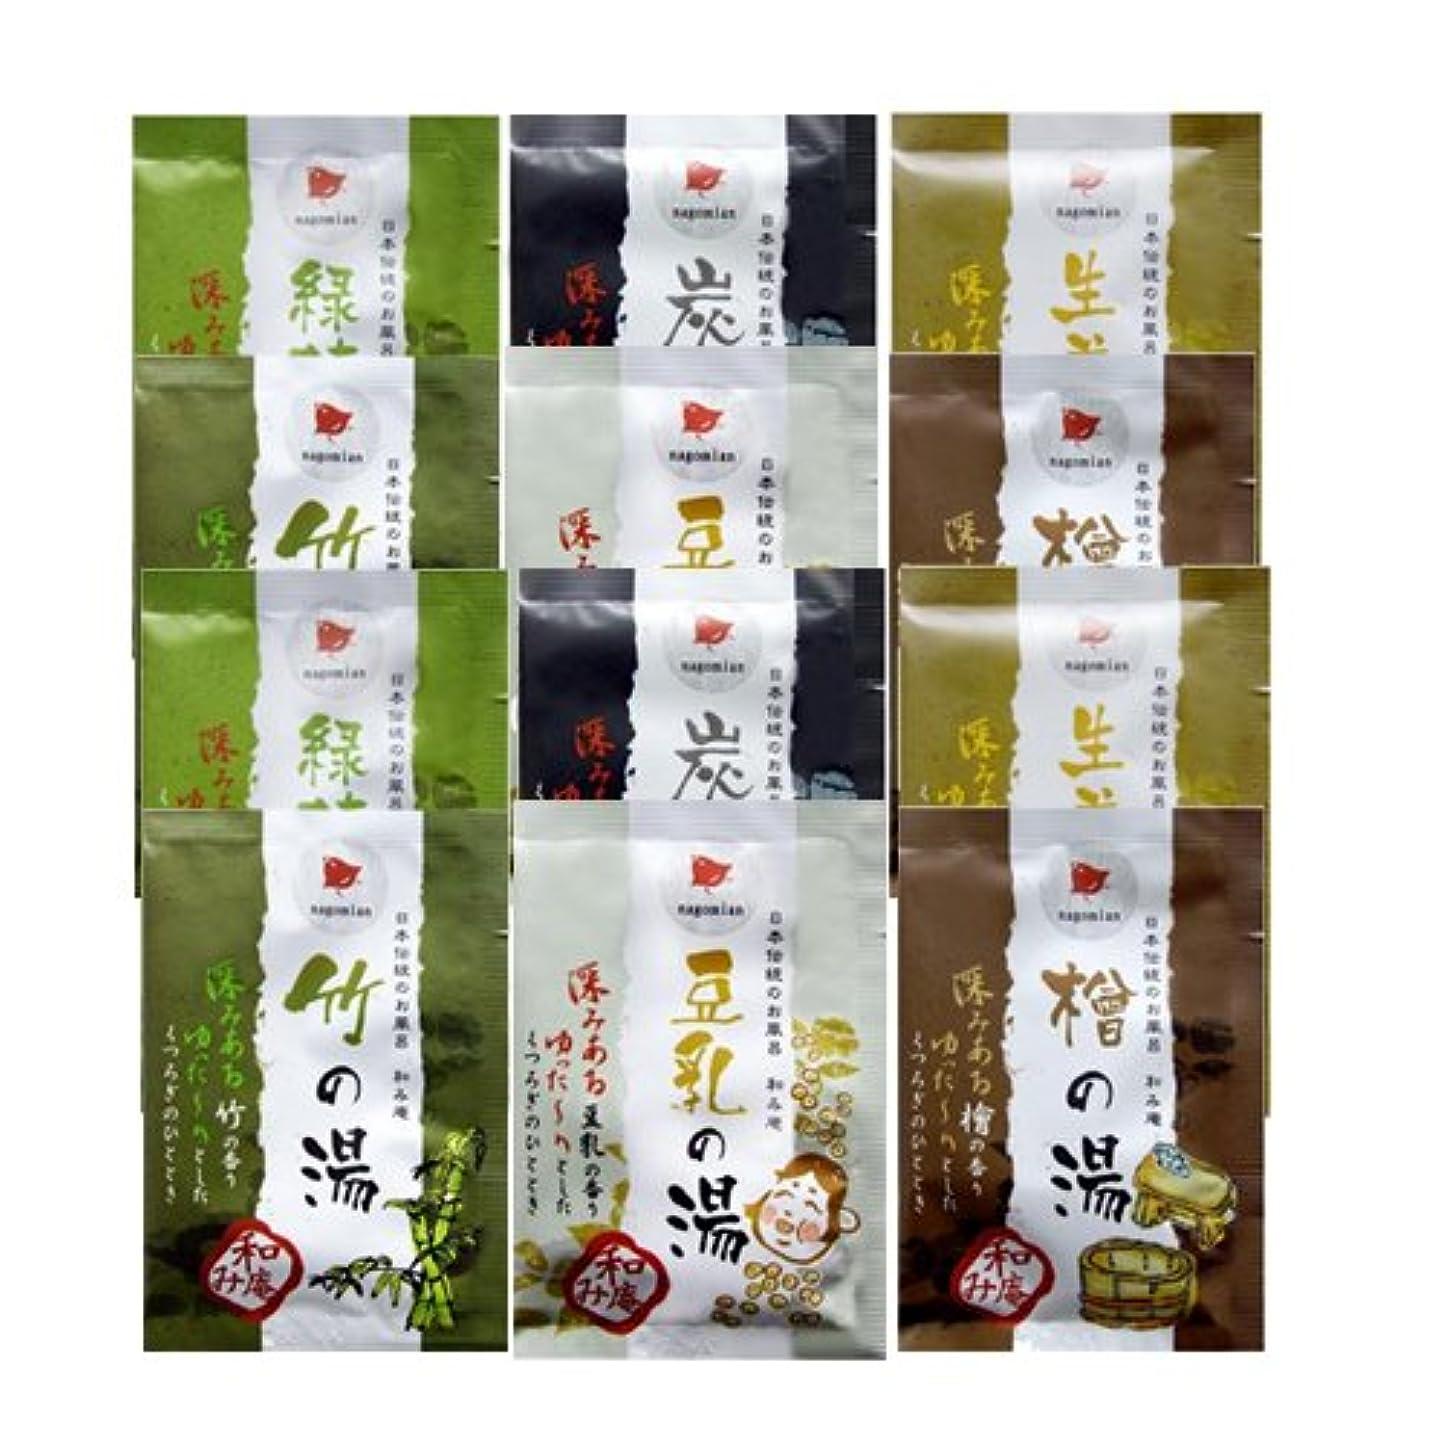 シマウマバング送金日本伝統のお風呂 和み庵 6種類×2個セット(計12包)